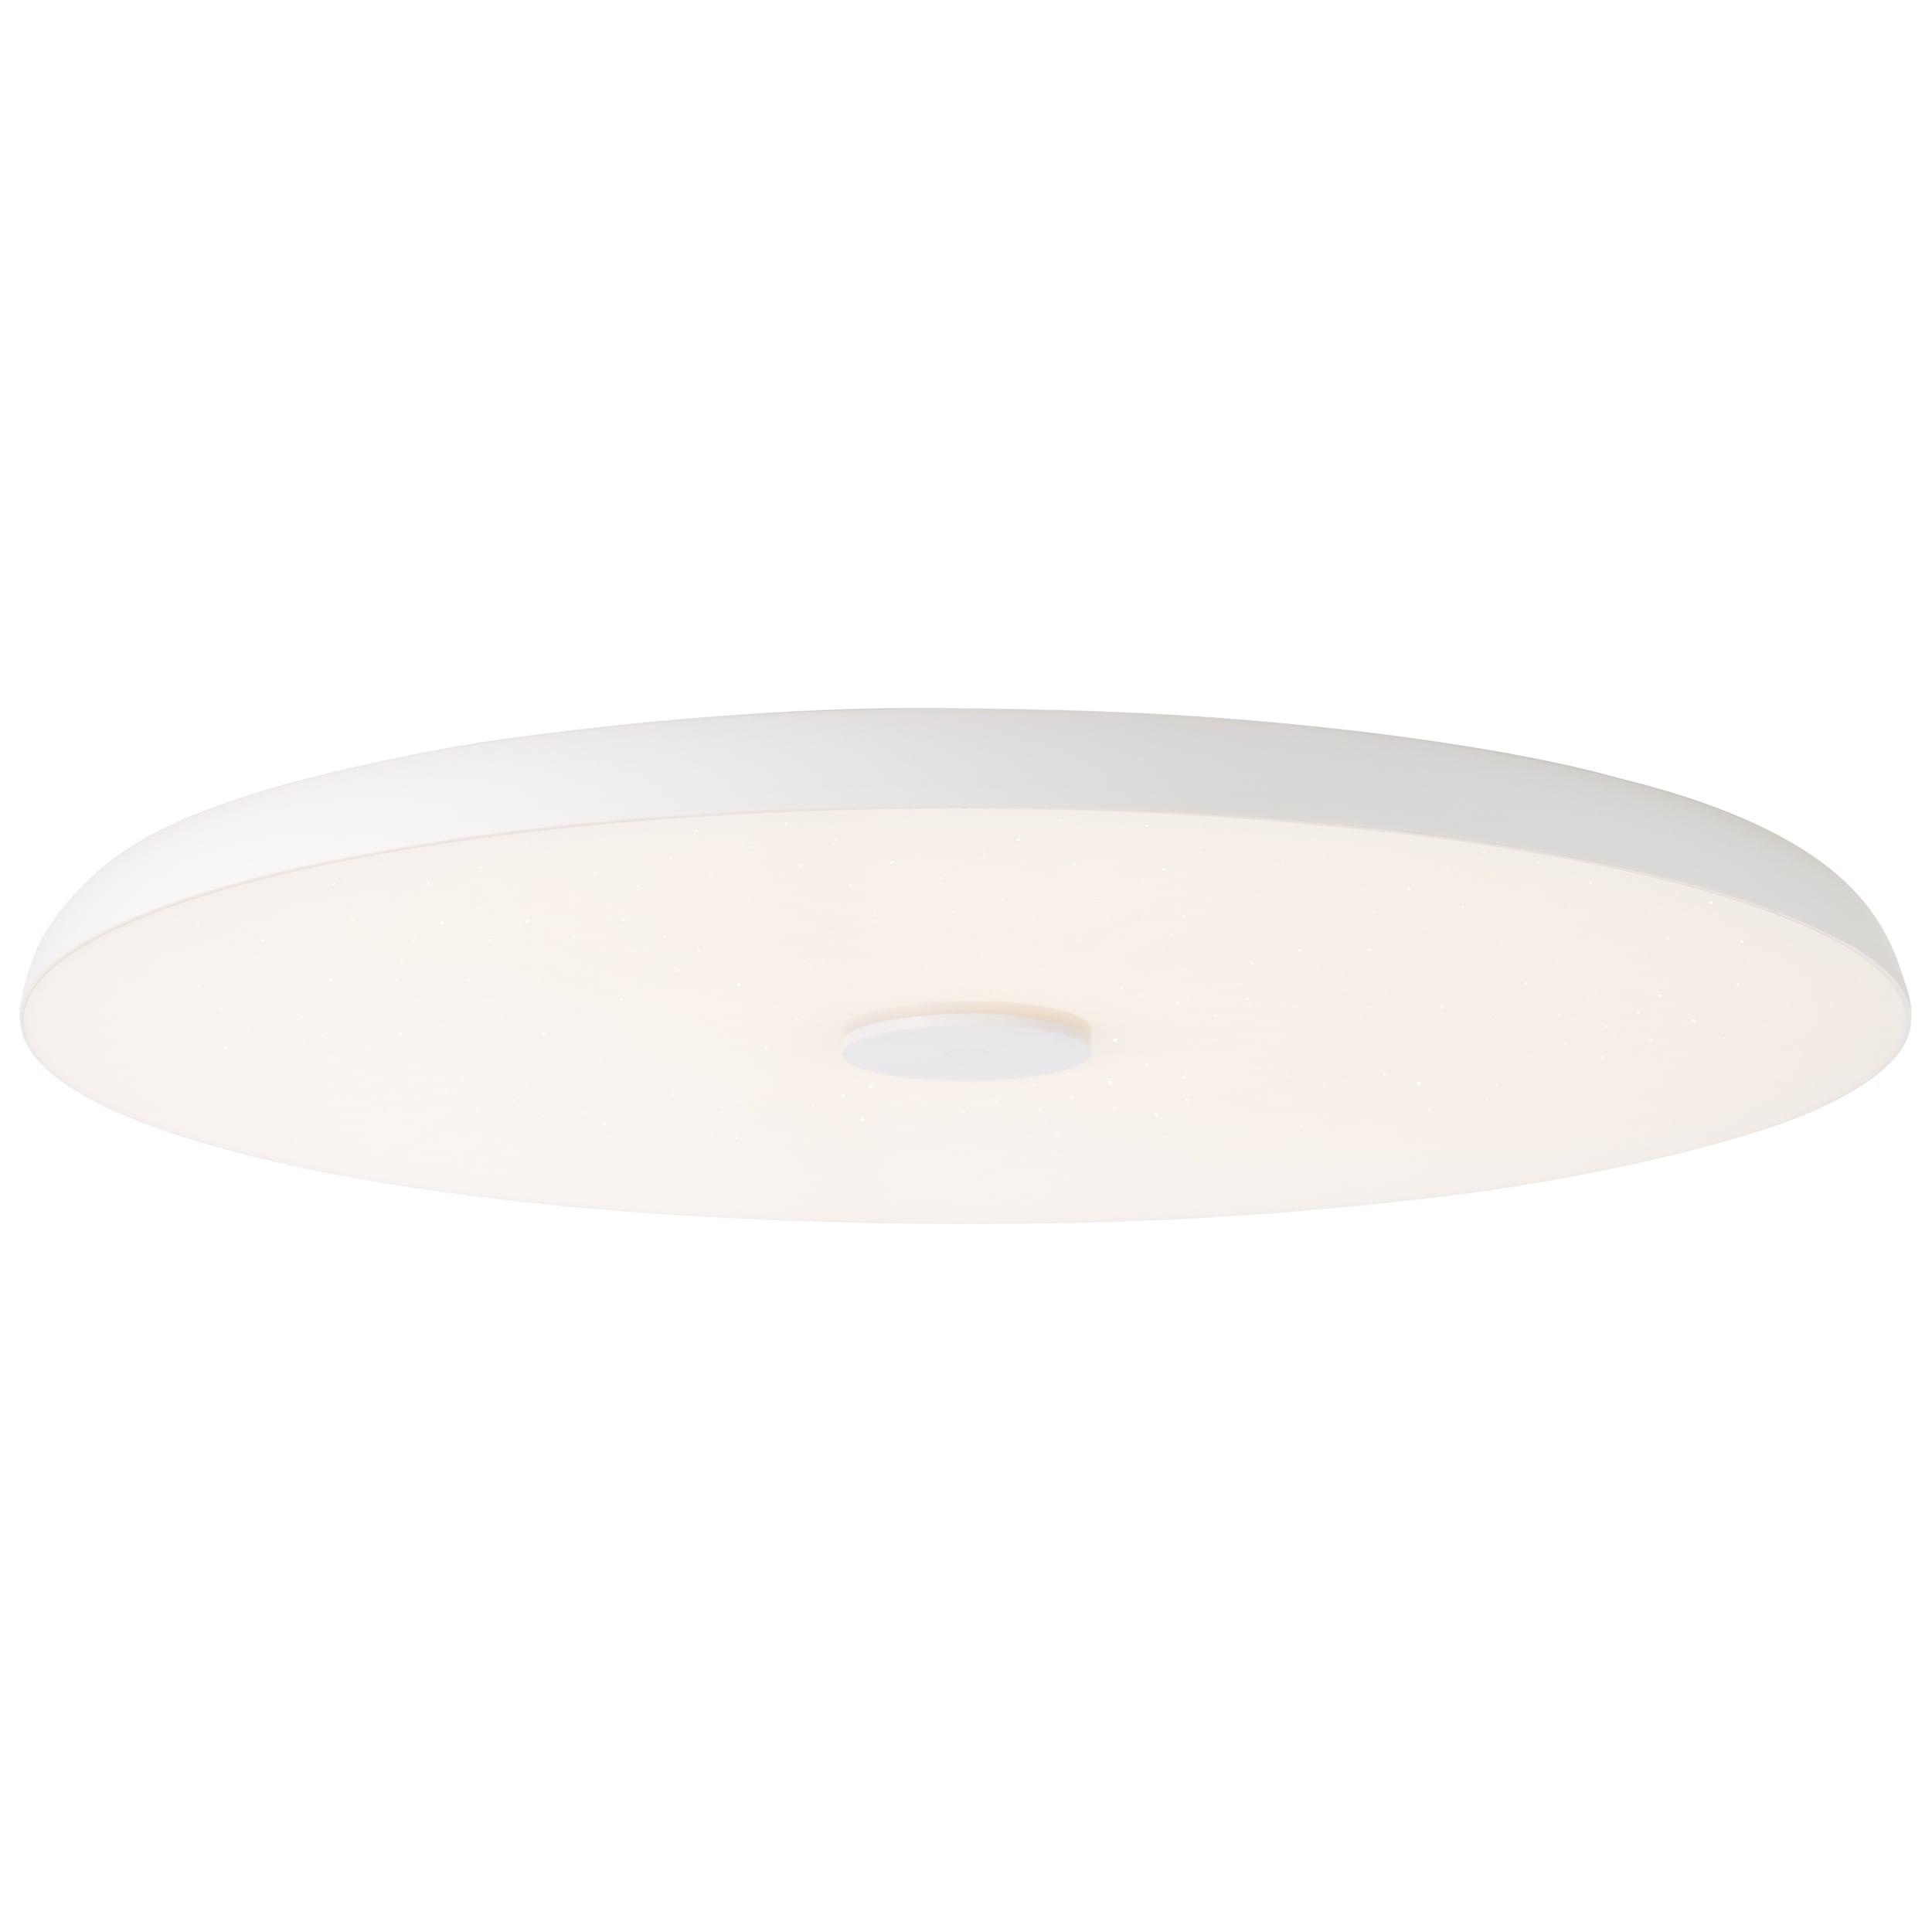 AEG Adora LED Wand- und Deckenleuchte 60cm weiß | 04004353333415